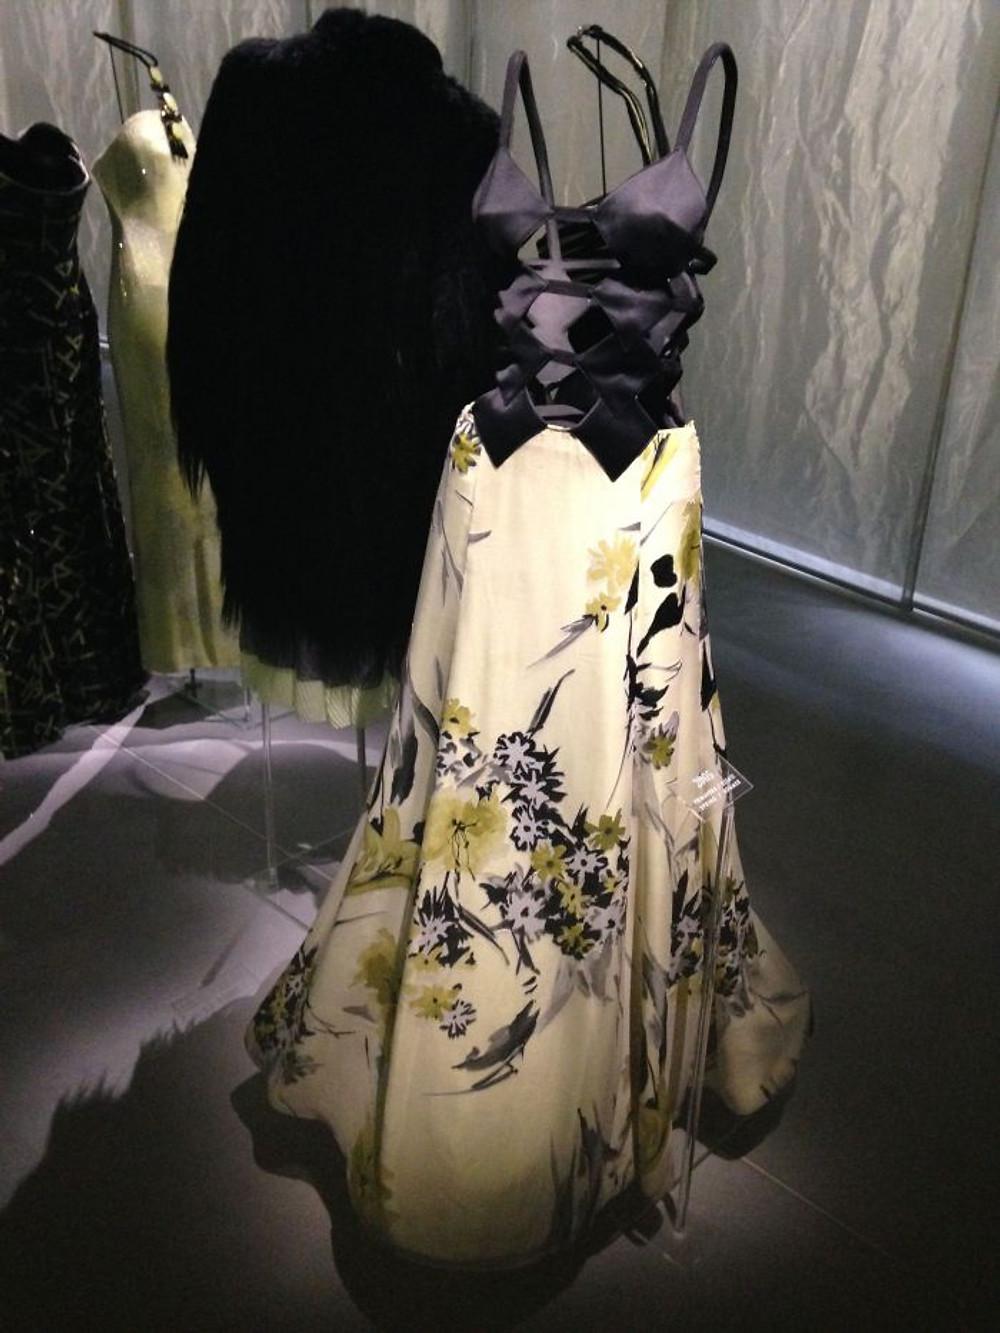 exhibition-armani40-atribute - 045